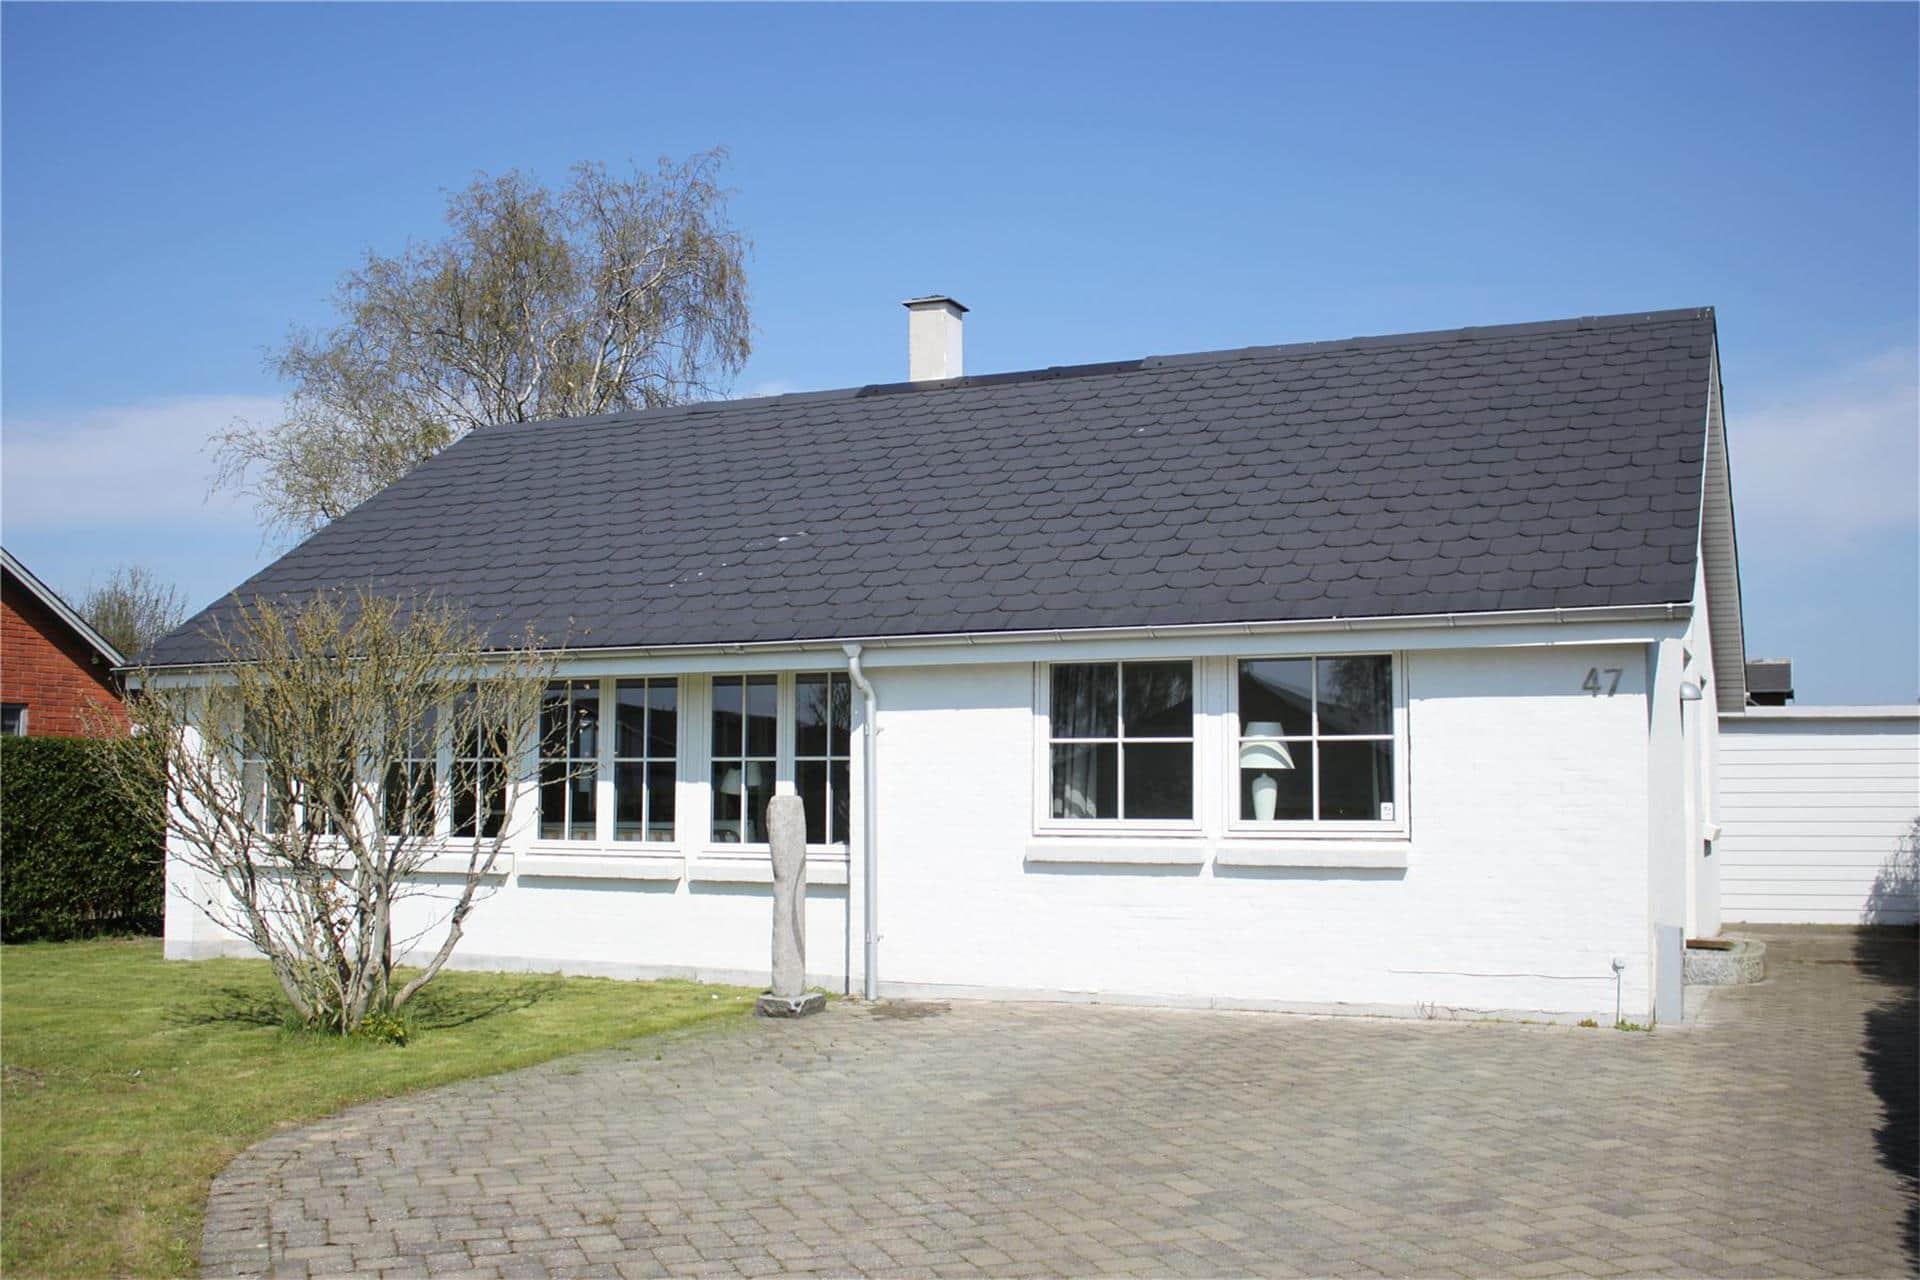 Bild 1-3 Ferienhaus M63017, Sanderumvej 47, DK - 5250 Odense SV